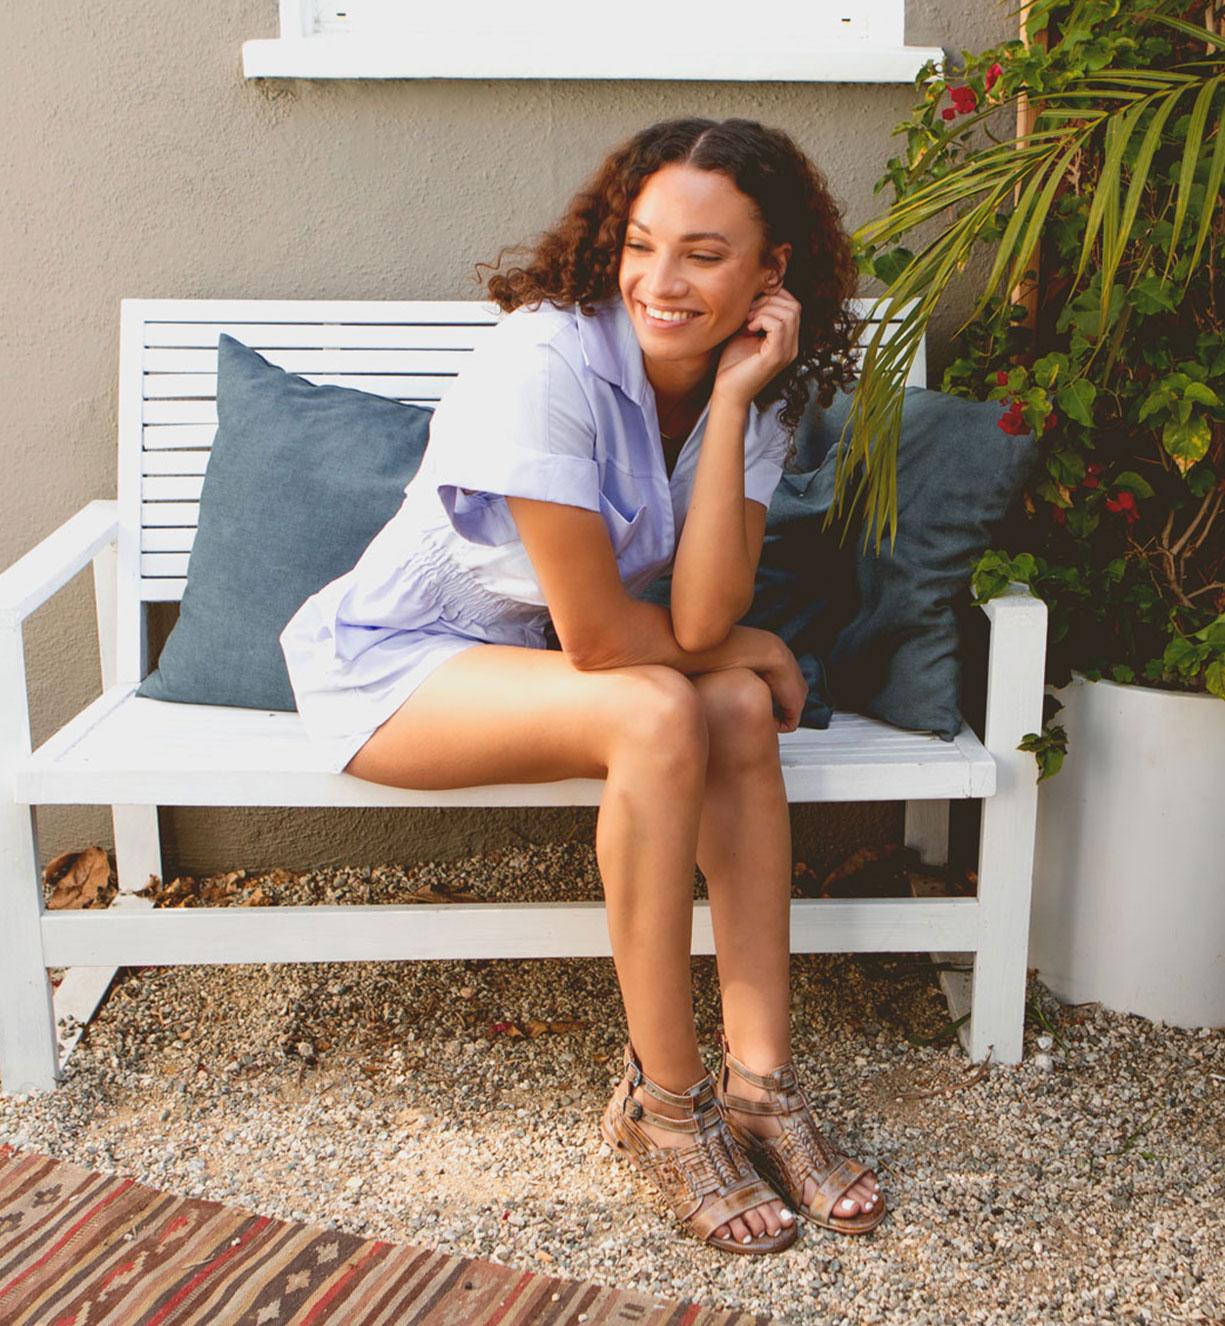 bedstu women's sandals new arrivals spring summer 2021